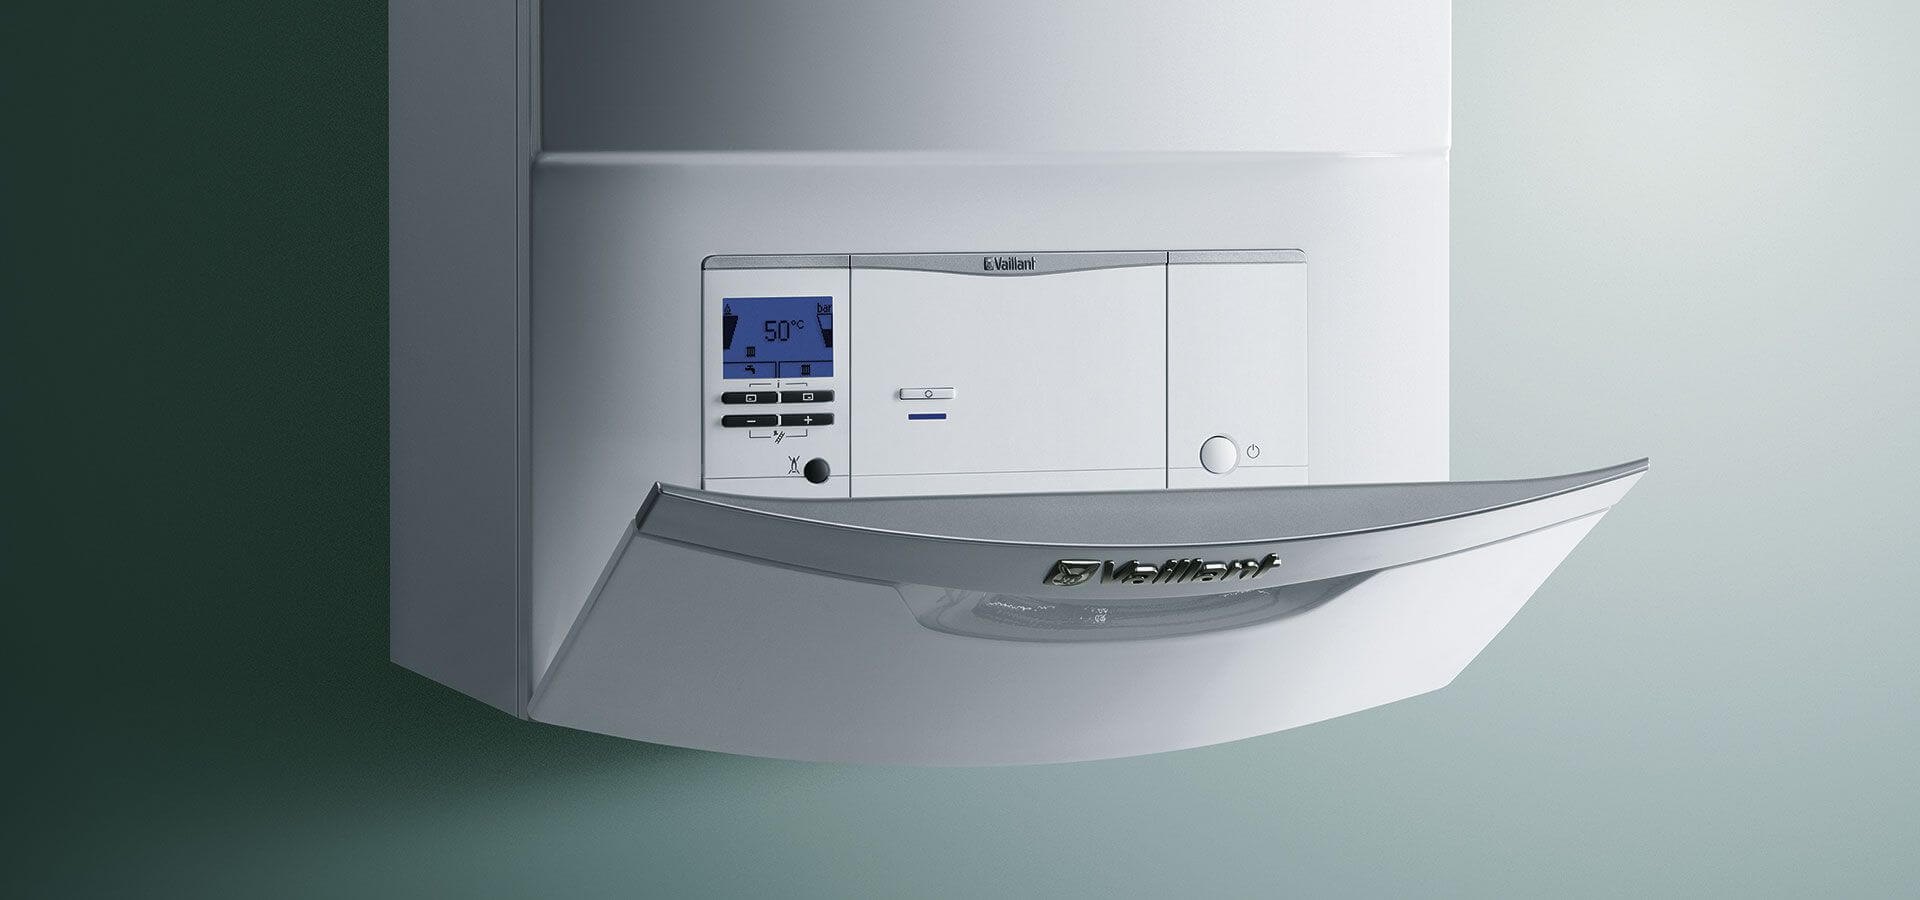 Calderas 5 consejos para elegir la caldera de gas adecuada - Cual es la mejor caldera de condensacion ...